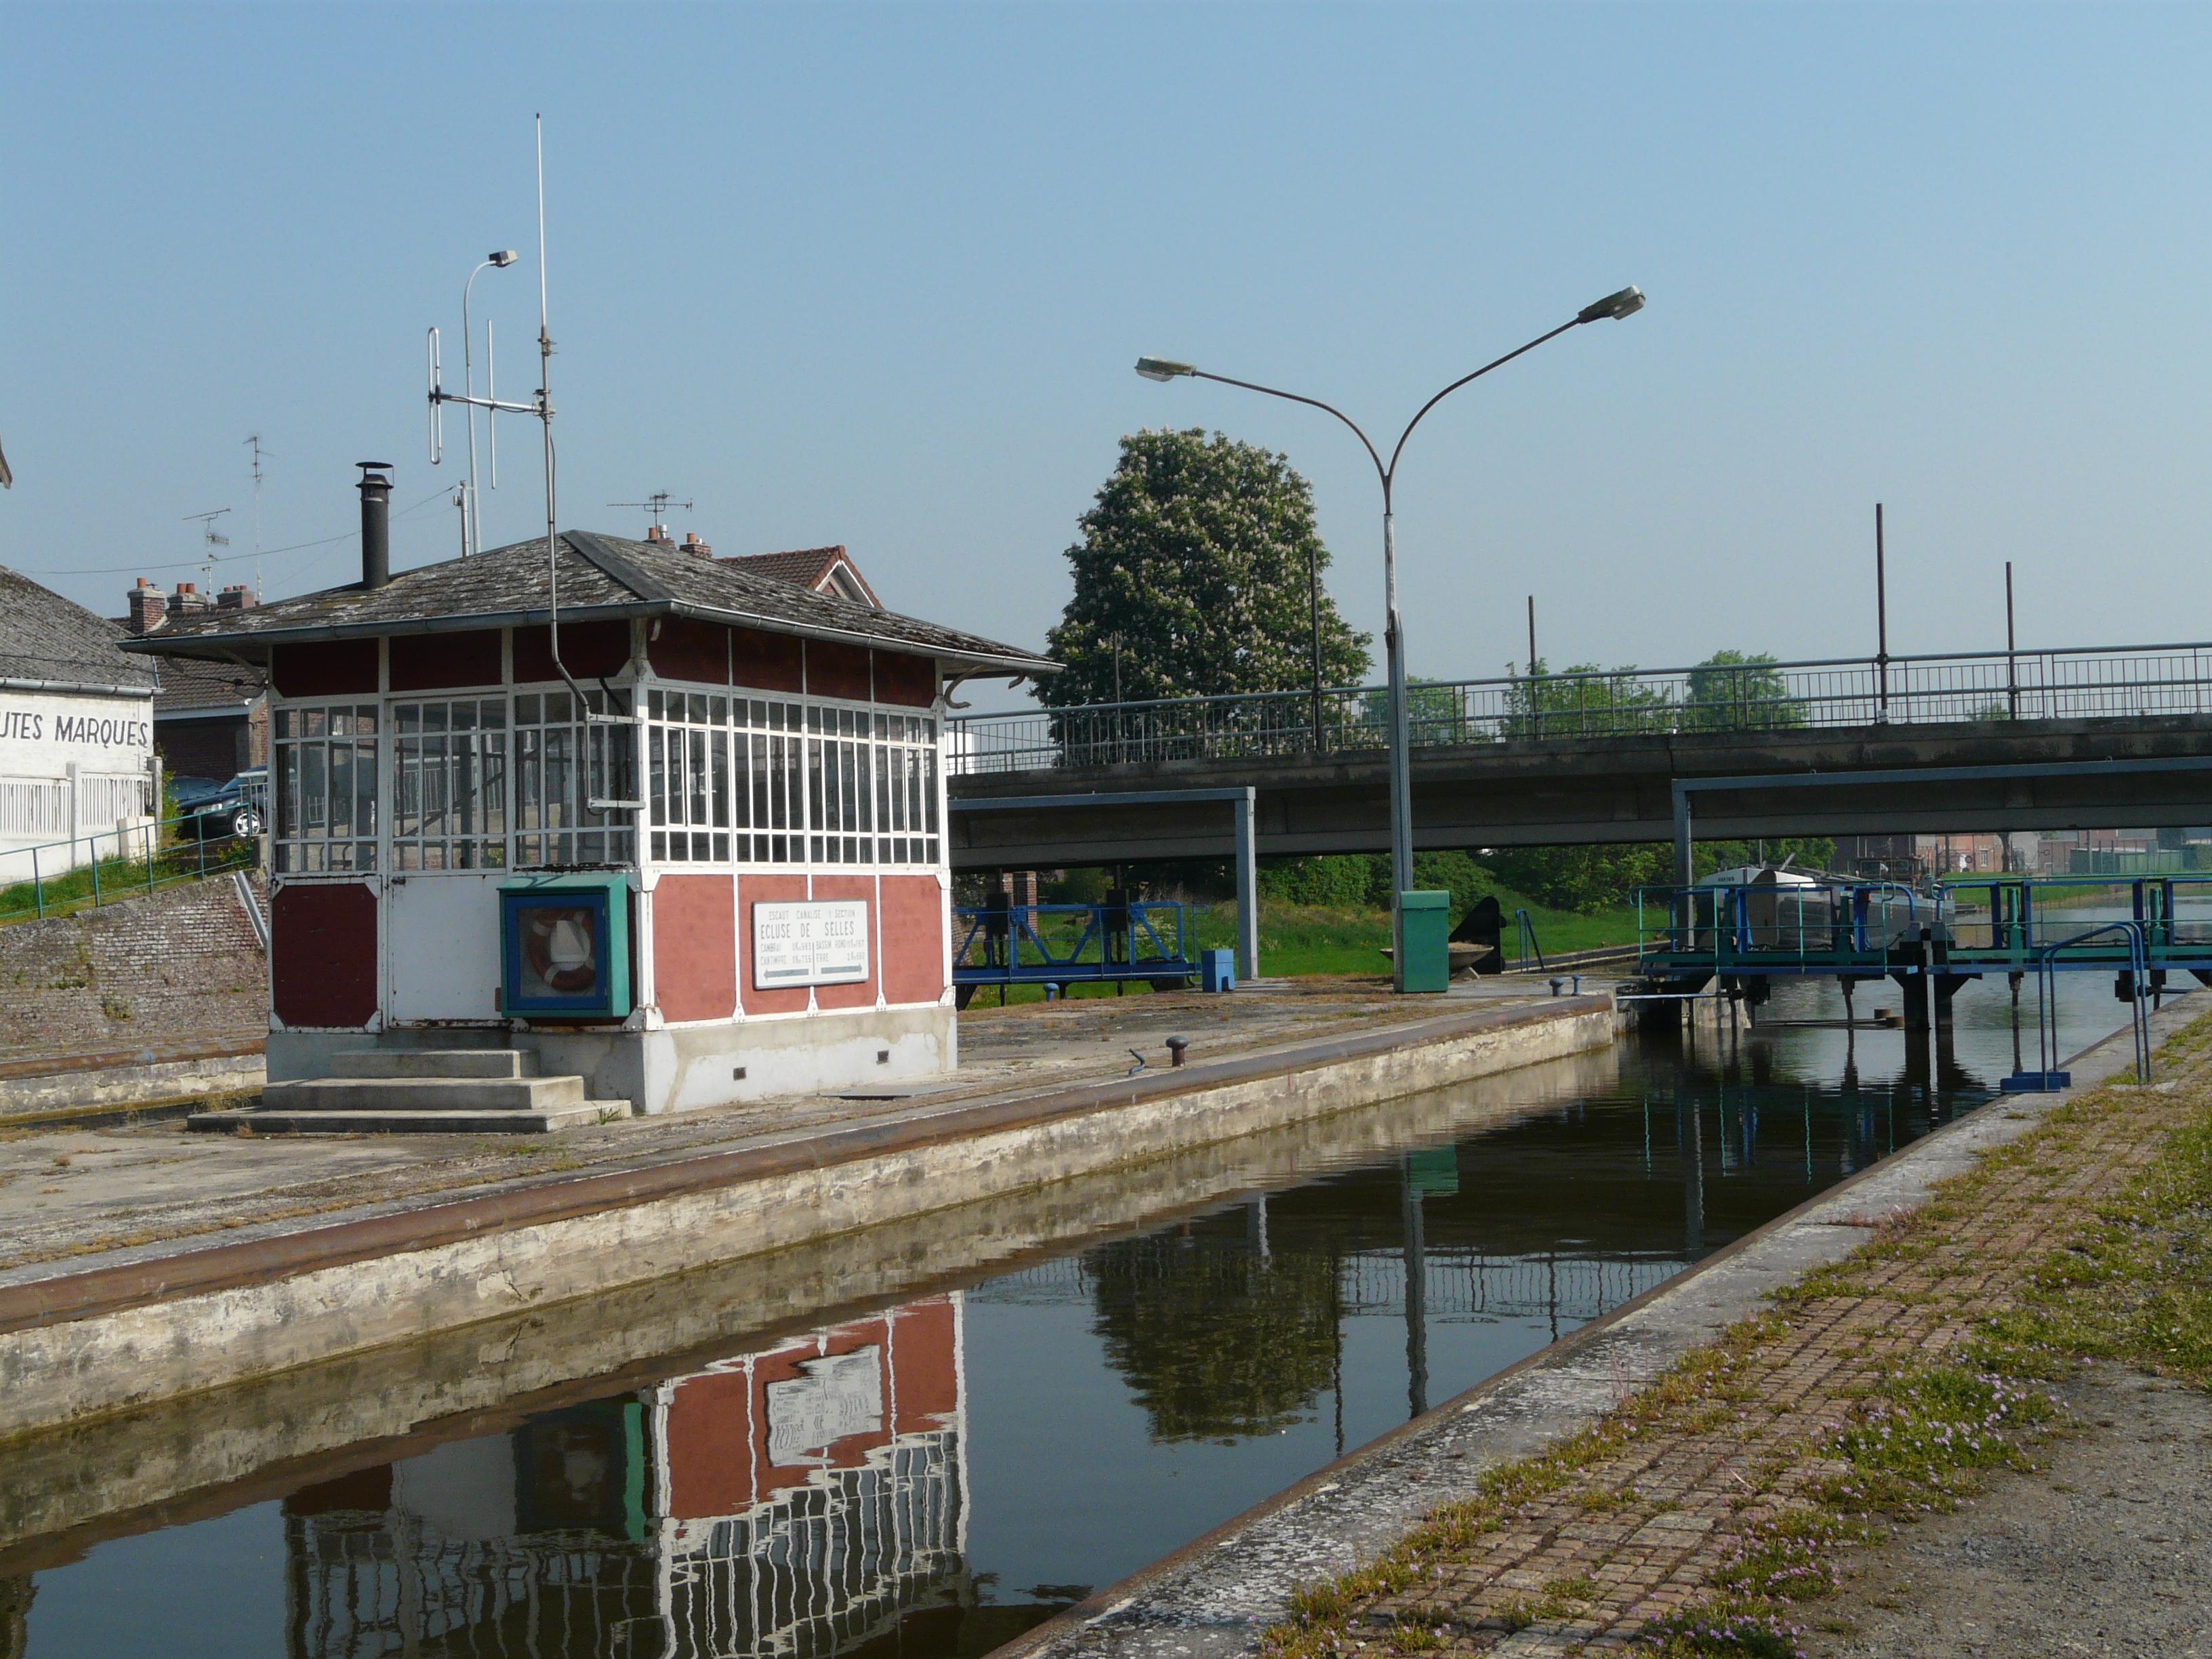 L'Escaut (Schelde) Canal